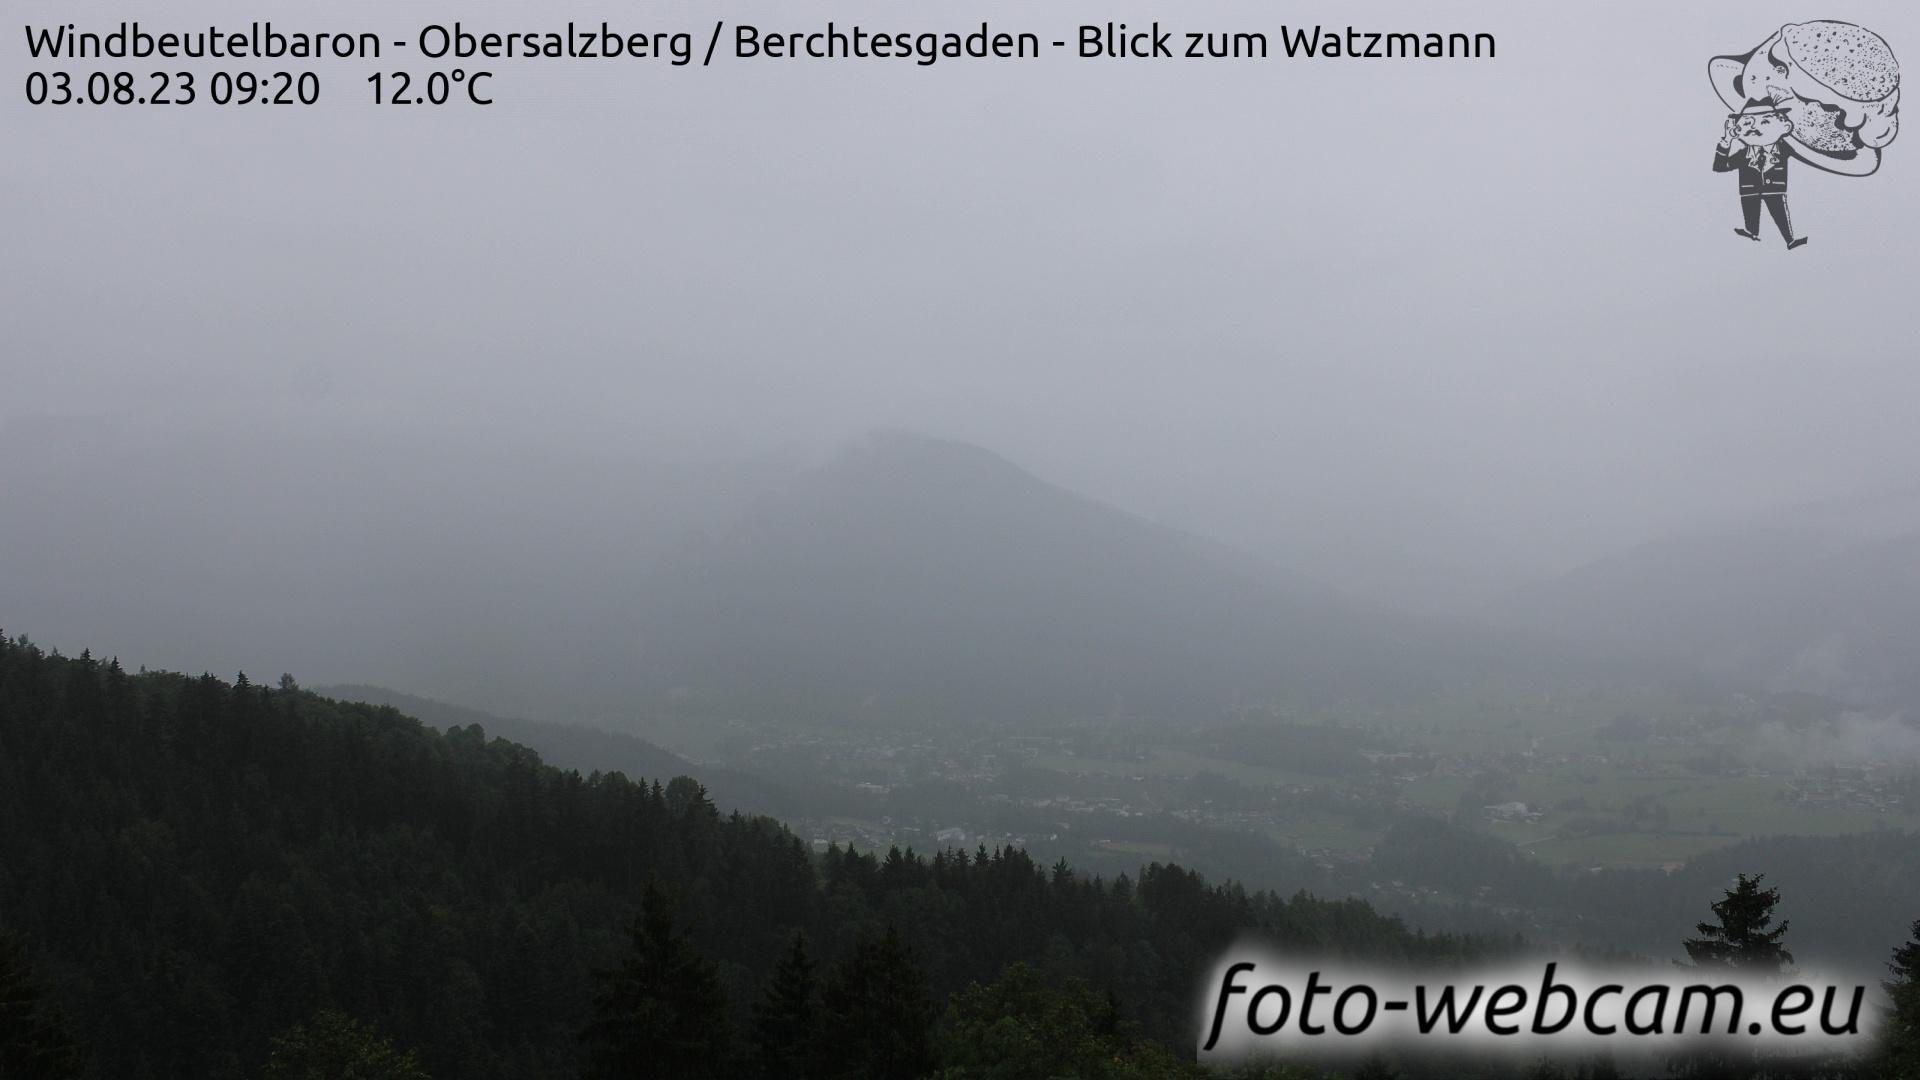 Berchtesgaden Sat. 09:32